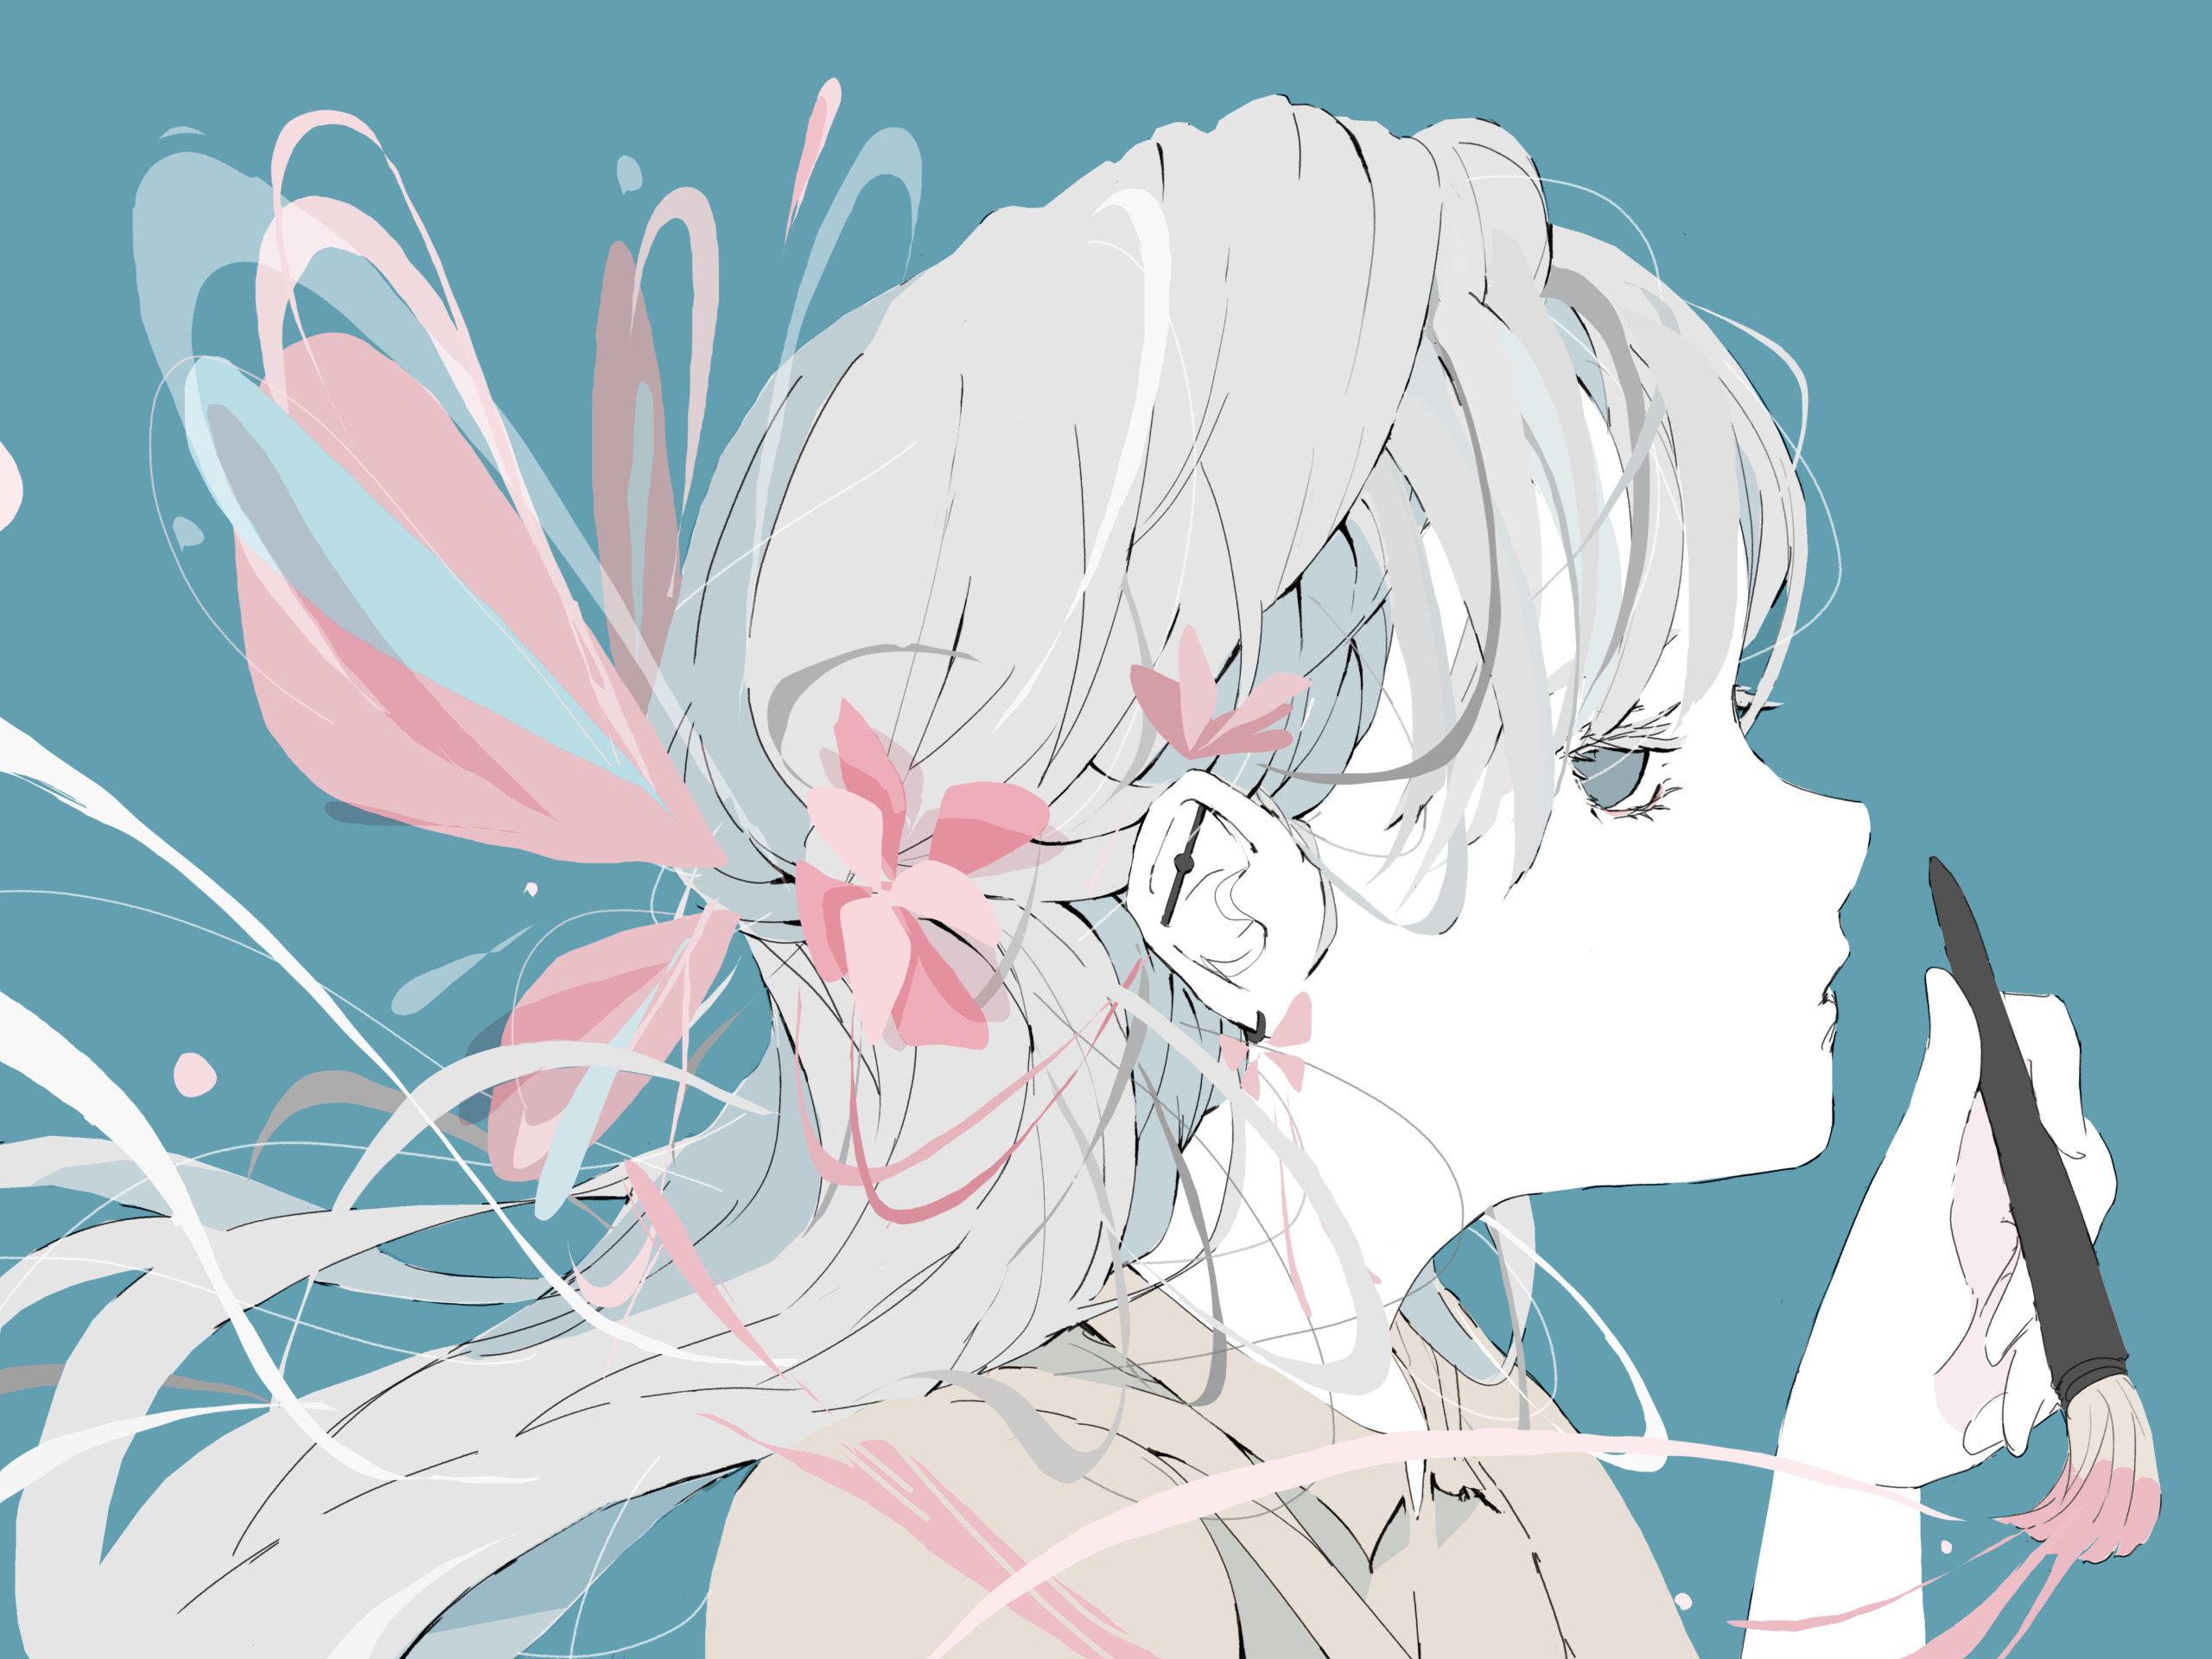 蝶々と花の髪飾りを自分で描く女の子のイラスト